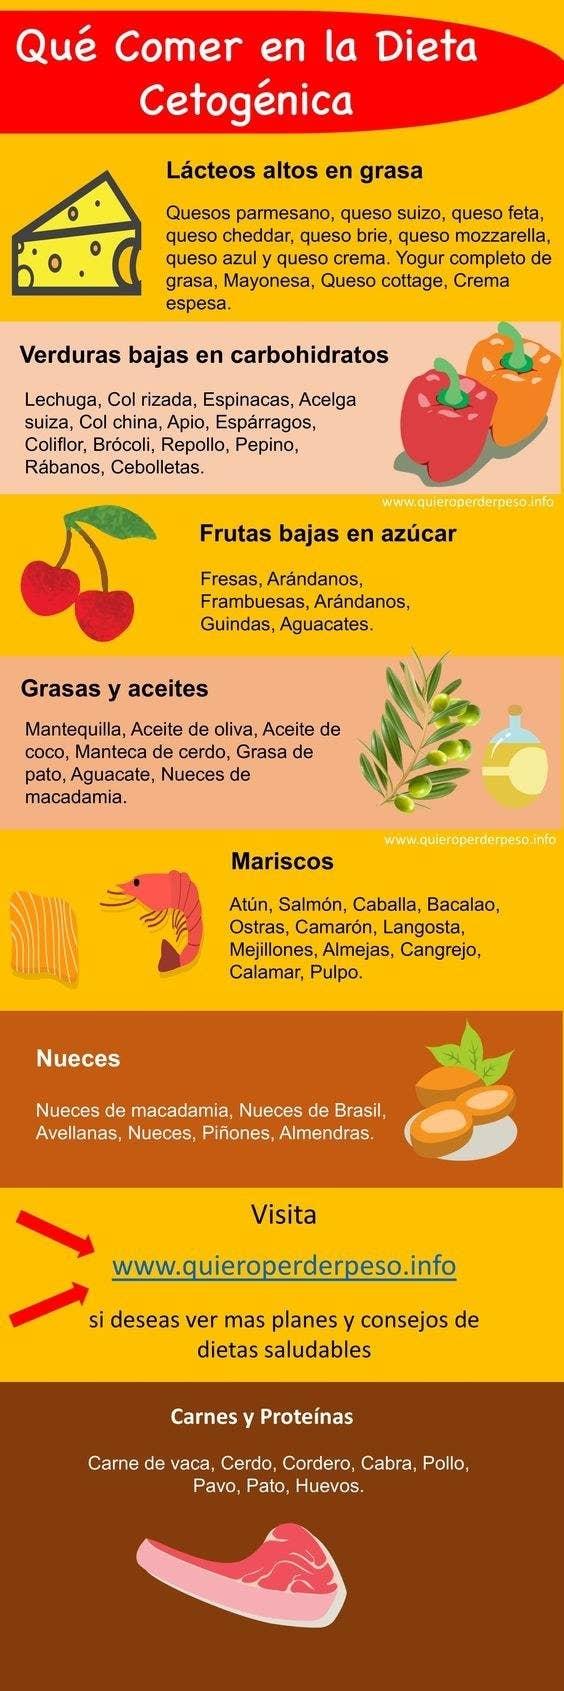 frutas para no comer en ceto